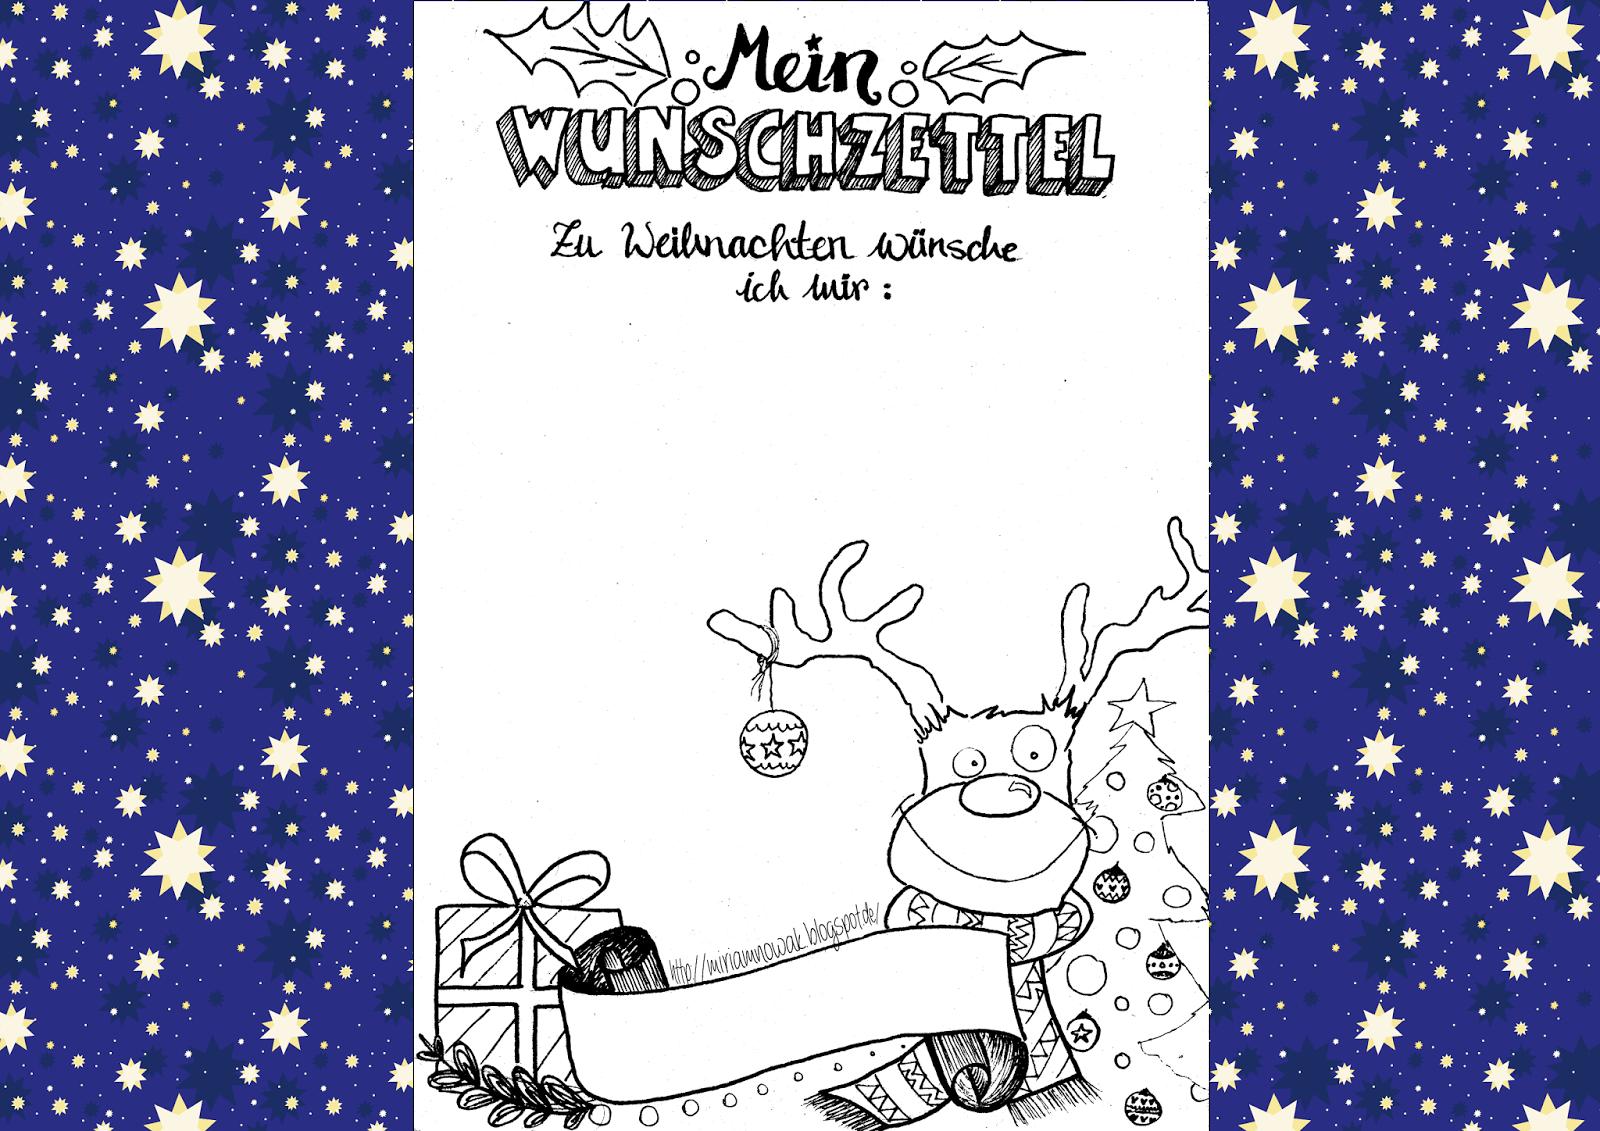 Freebie* Weihnachts-Wunschzettel (Mit Bildern bei Lustige Wunschzettel Zu Weihnachten